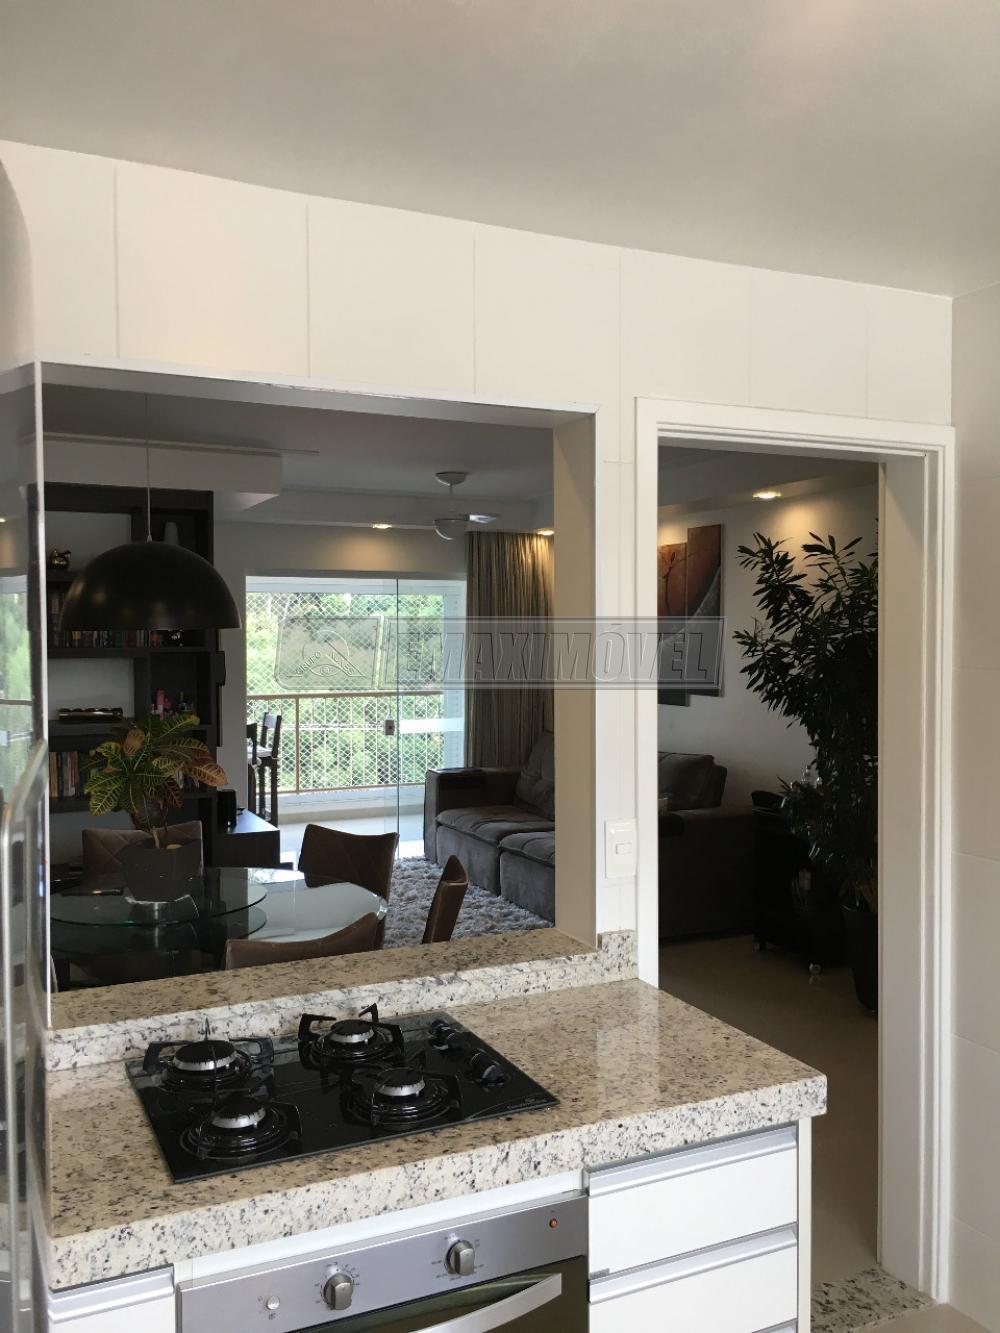 Comprar Apartamentos / Apto Padrão em Sorocaba apenas R$ 580.000,00 - Foto 8